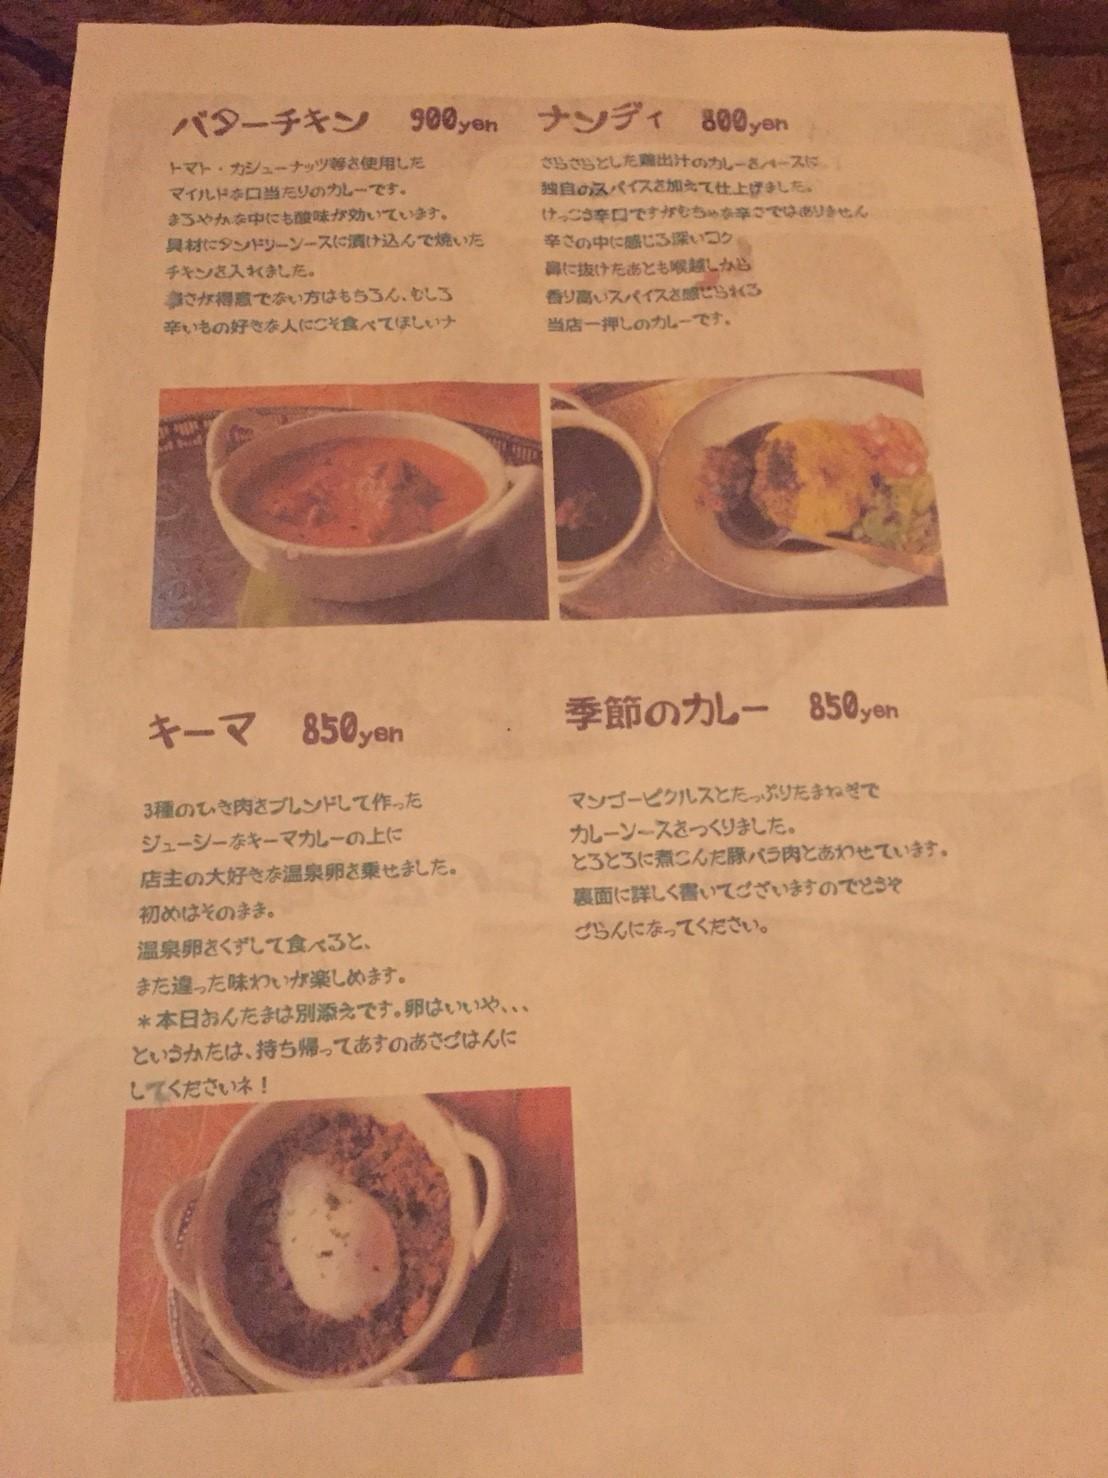 たみ 週末カレー天国1日店長2018 (6) ナンディde おわカレー _e0115904_16005498.jpg